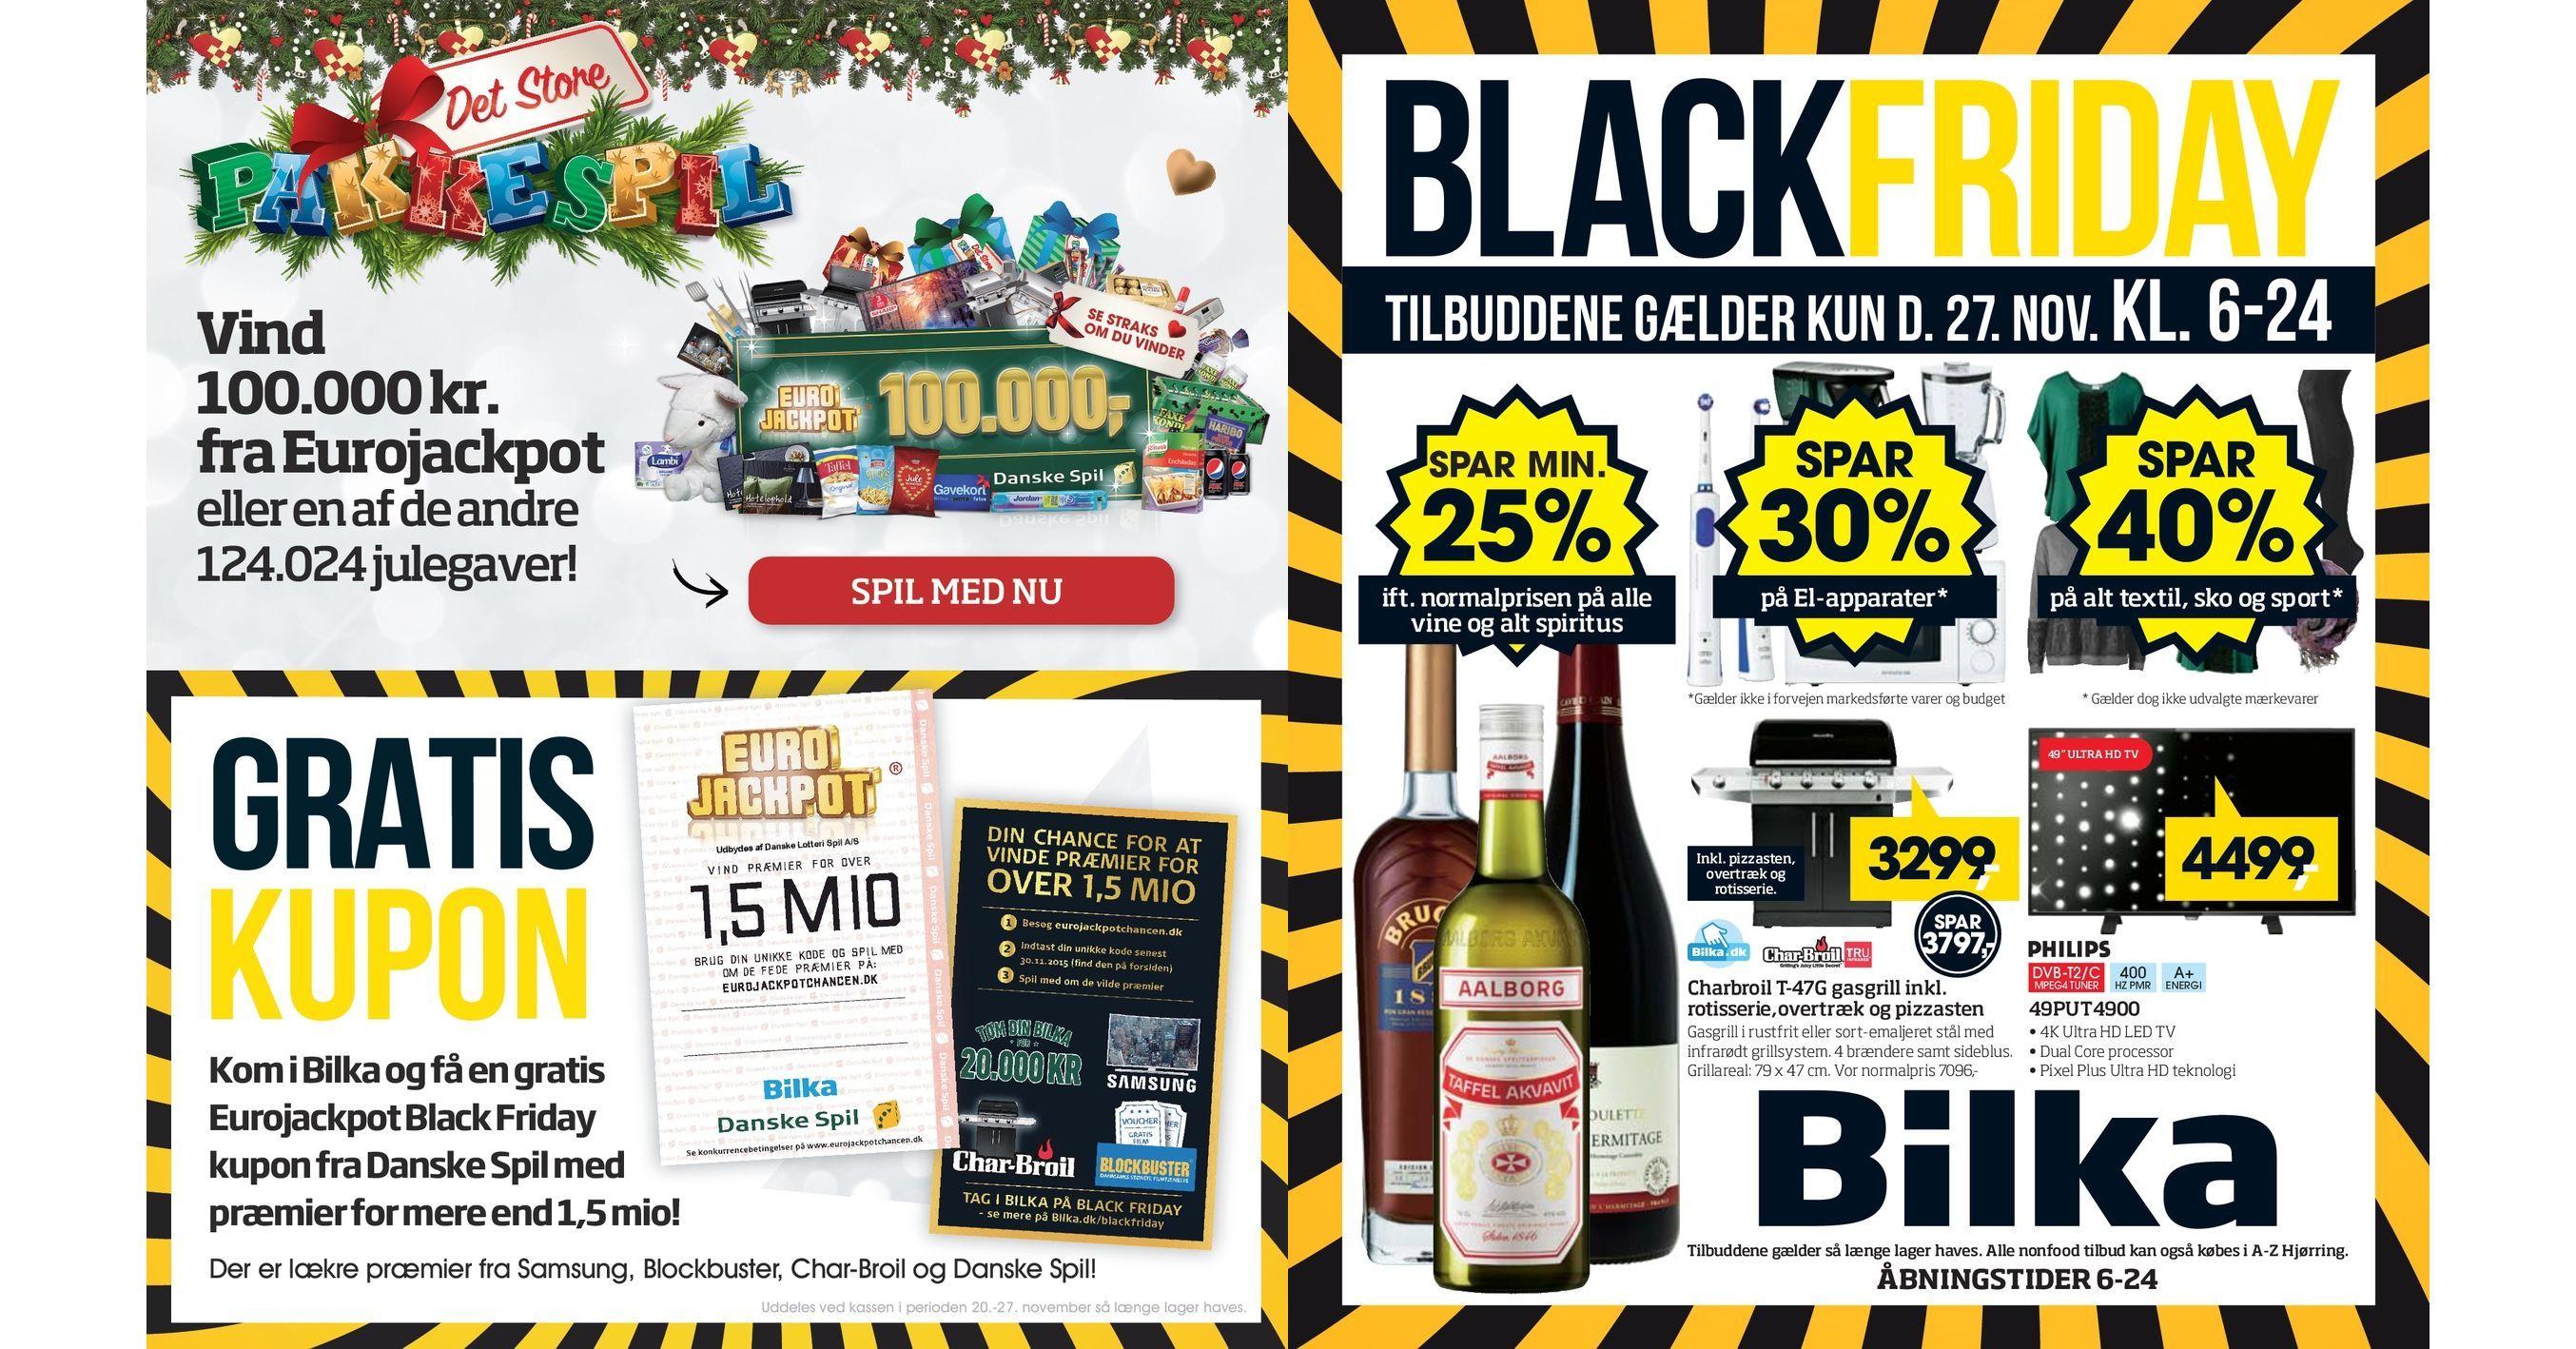 UNDRES: Hvorfor Black Friday i DK?